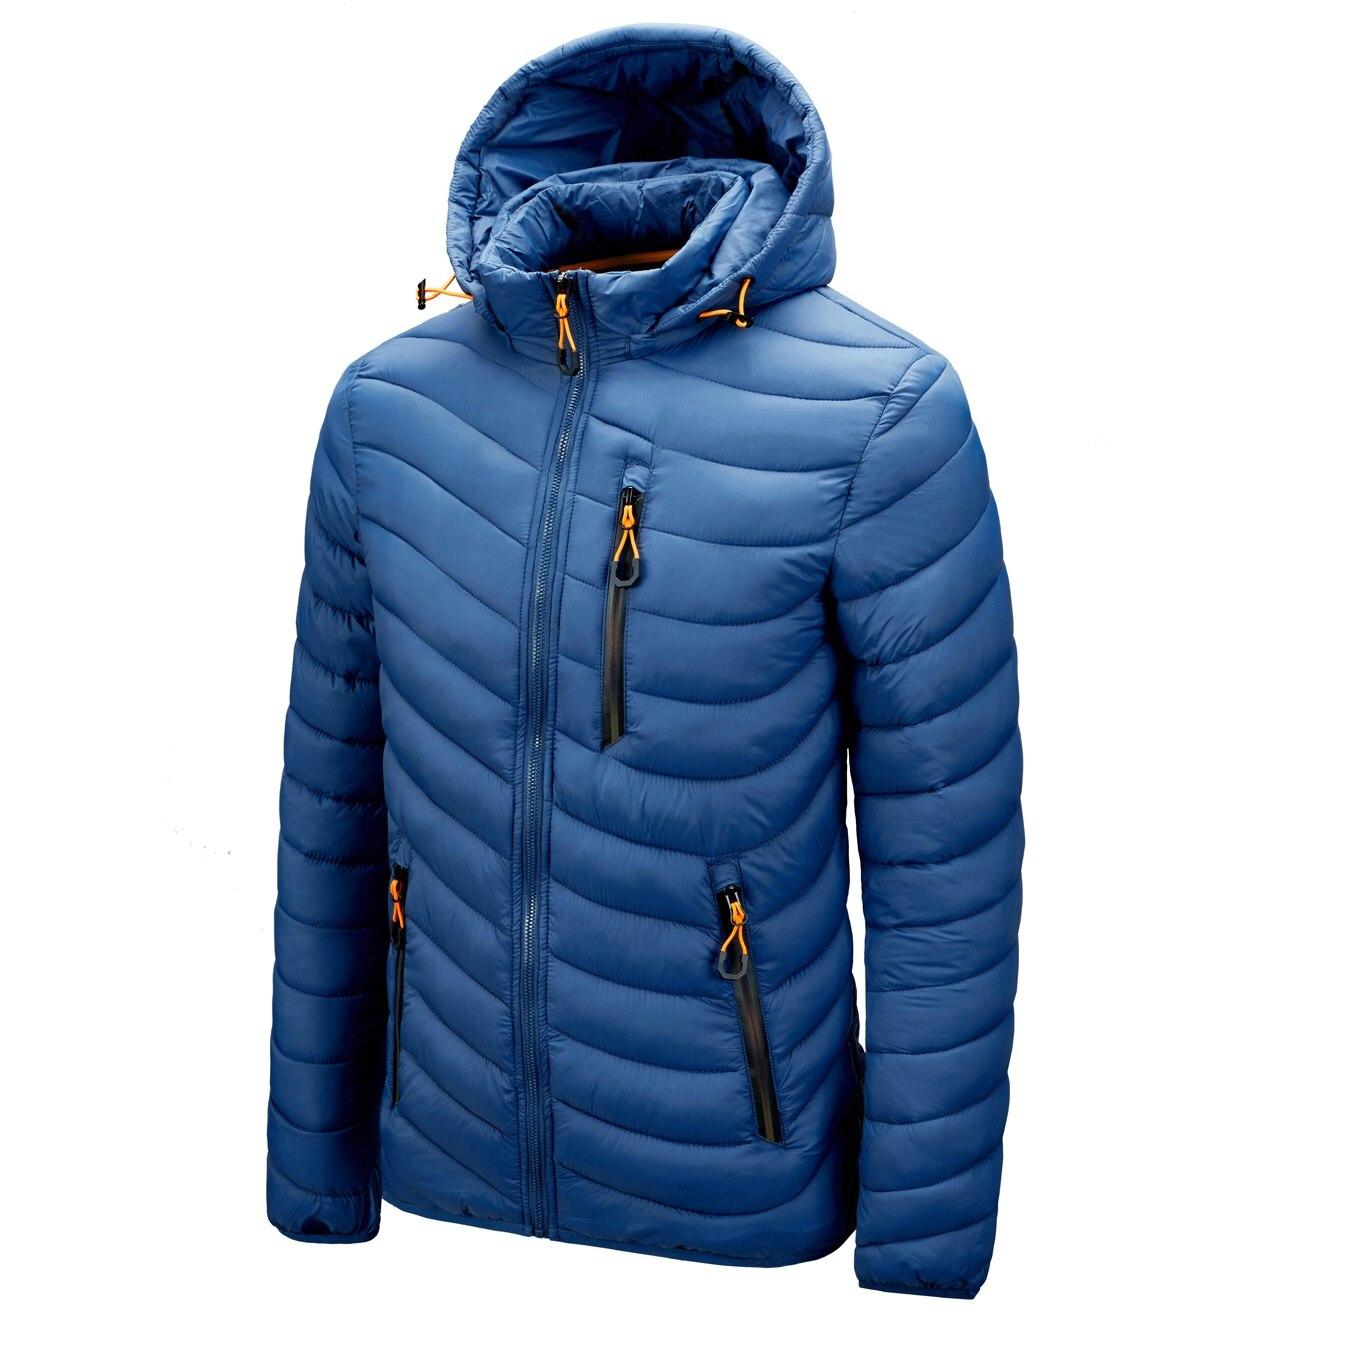 Горячая Распродажа, брендовая зимняя теплая водонепроницаемая куртка для мужчин, новинка 2021, Осенние толстые парки с капюшоном, Мужская мод...